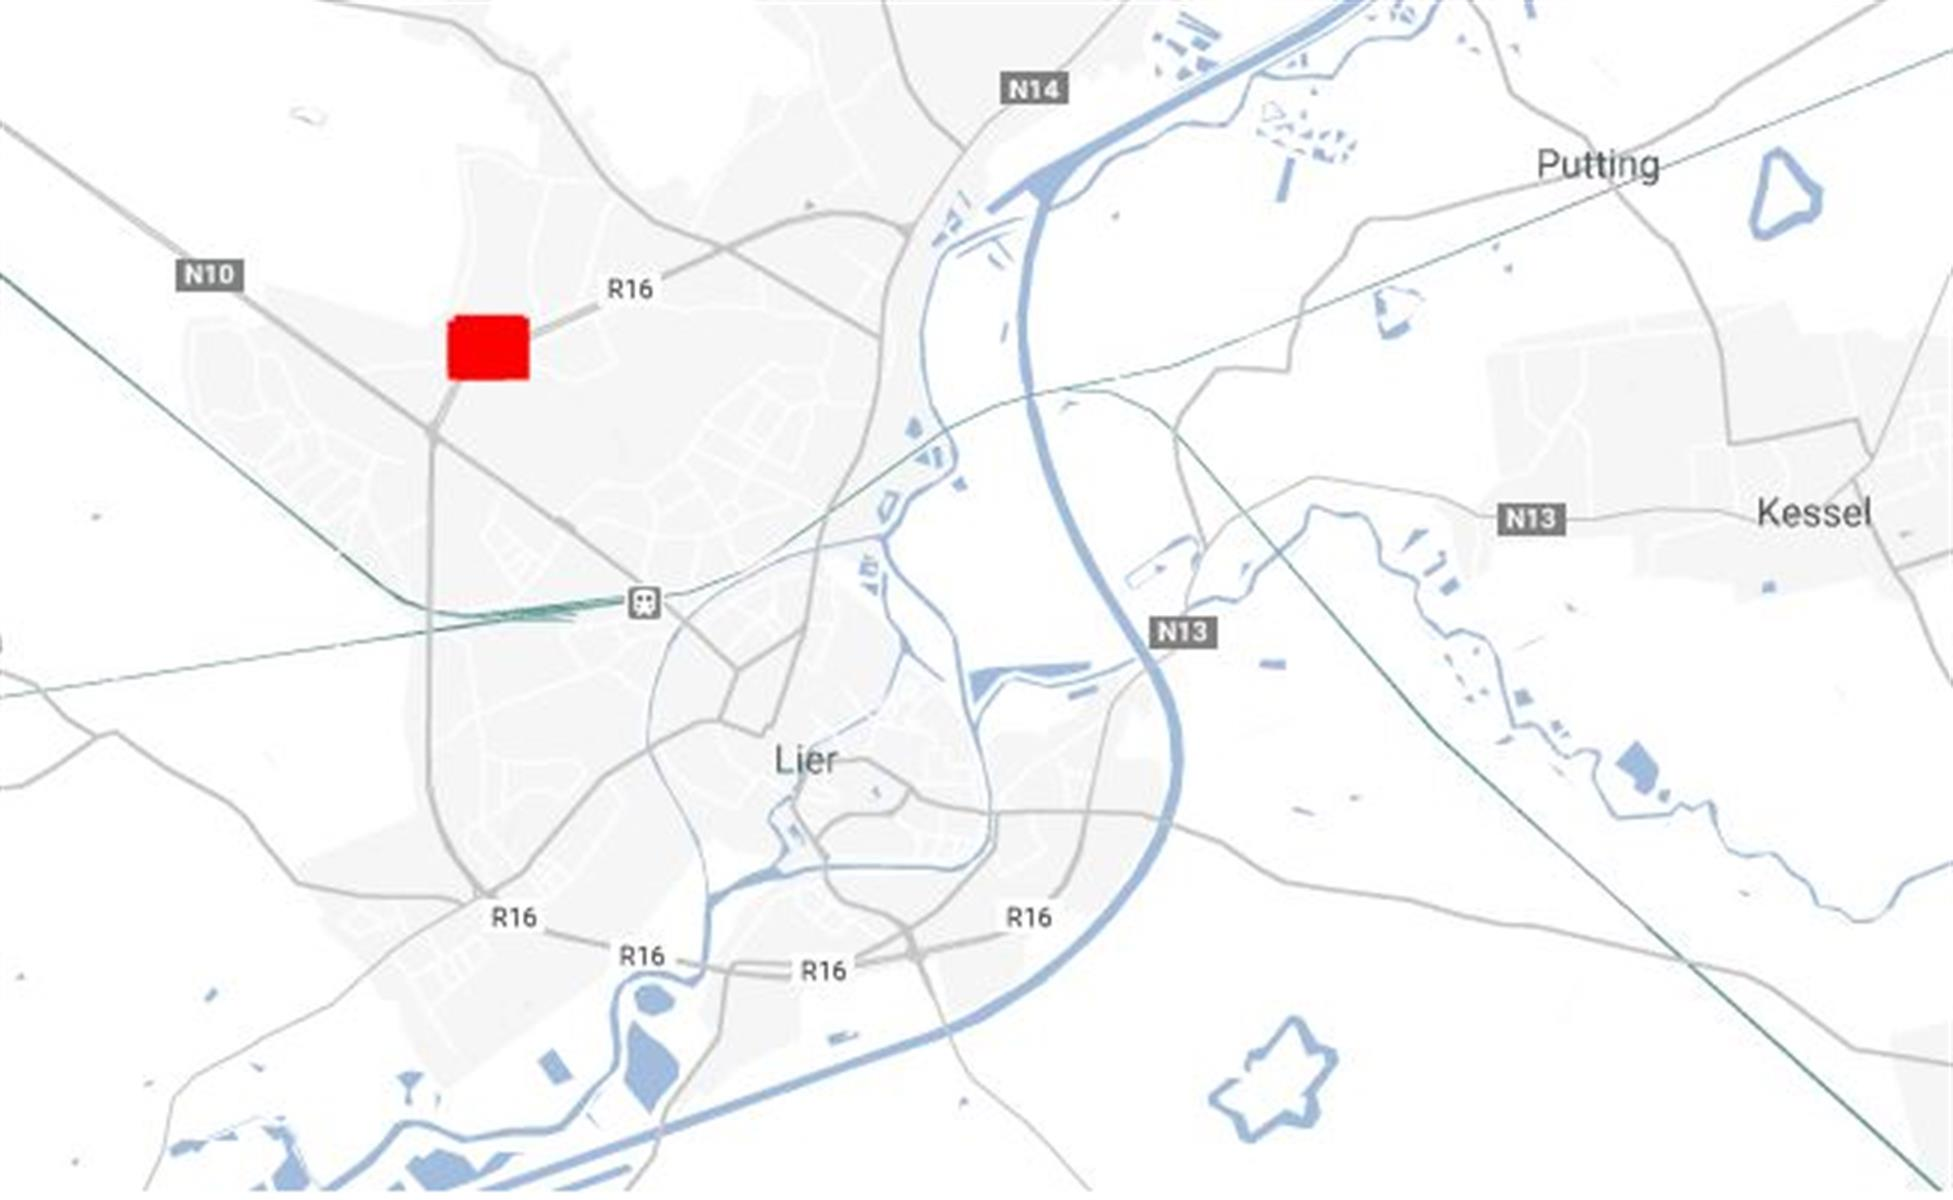 KMO-unit te koop BOLLAARPARK LIER PROJECTGROND OP PLAATS UNIT 2.1.1 - Bollaarstraat 6, 2500 Lier, België 8